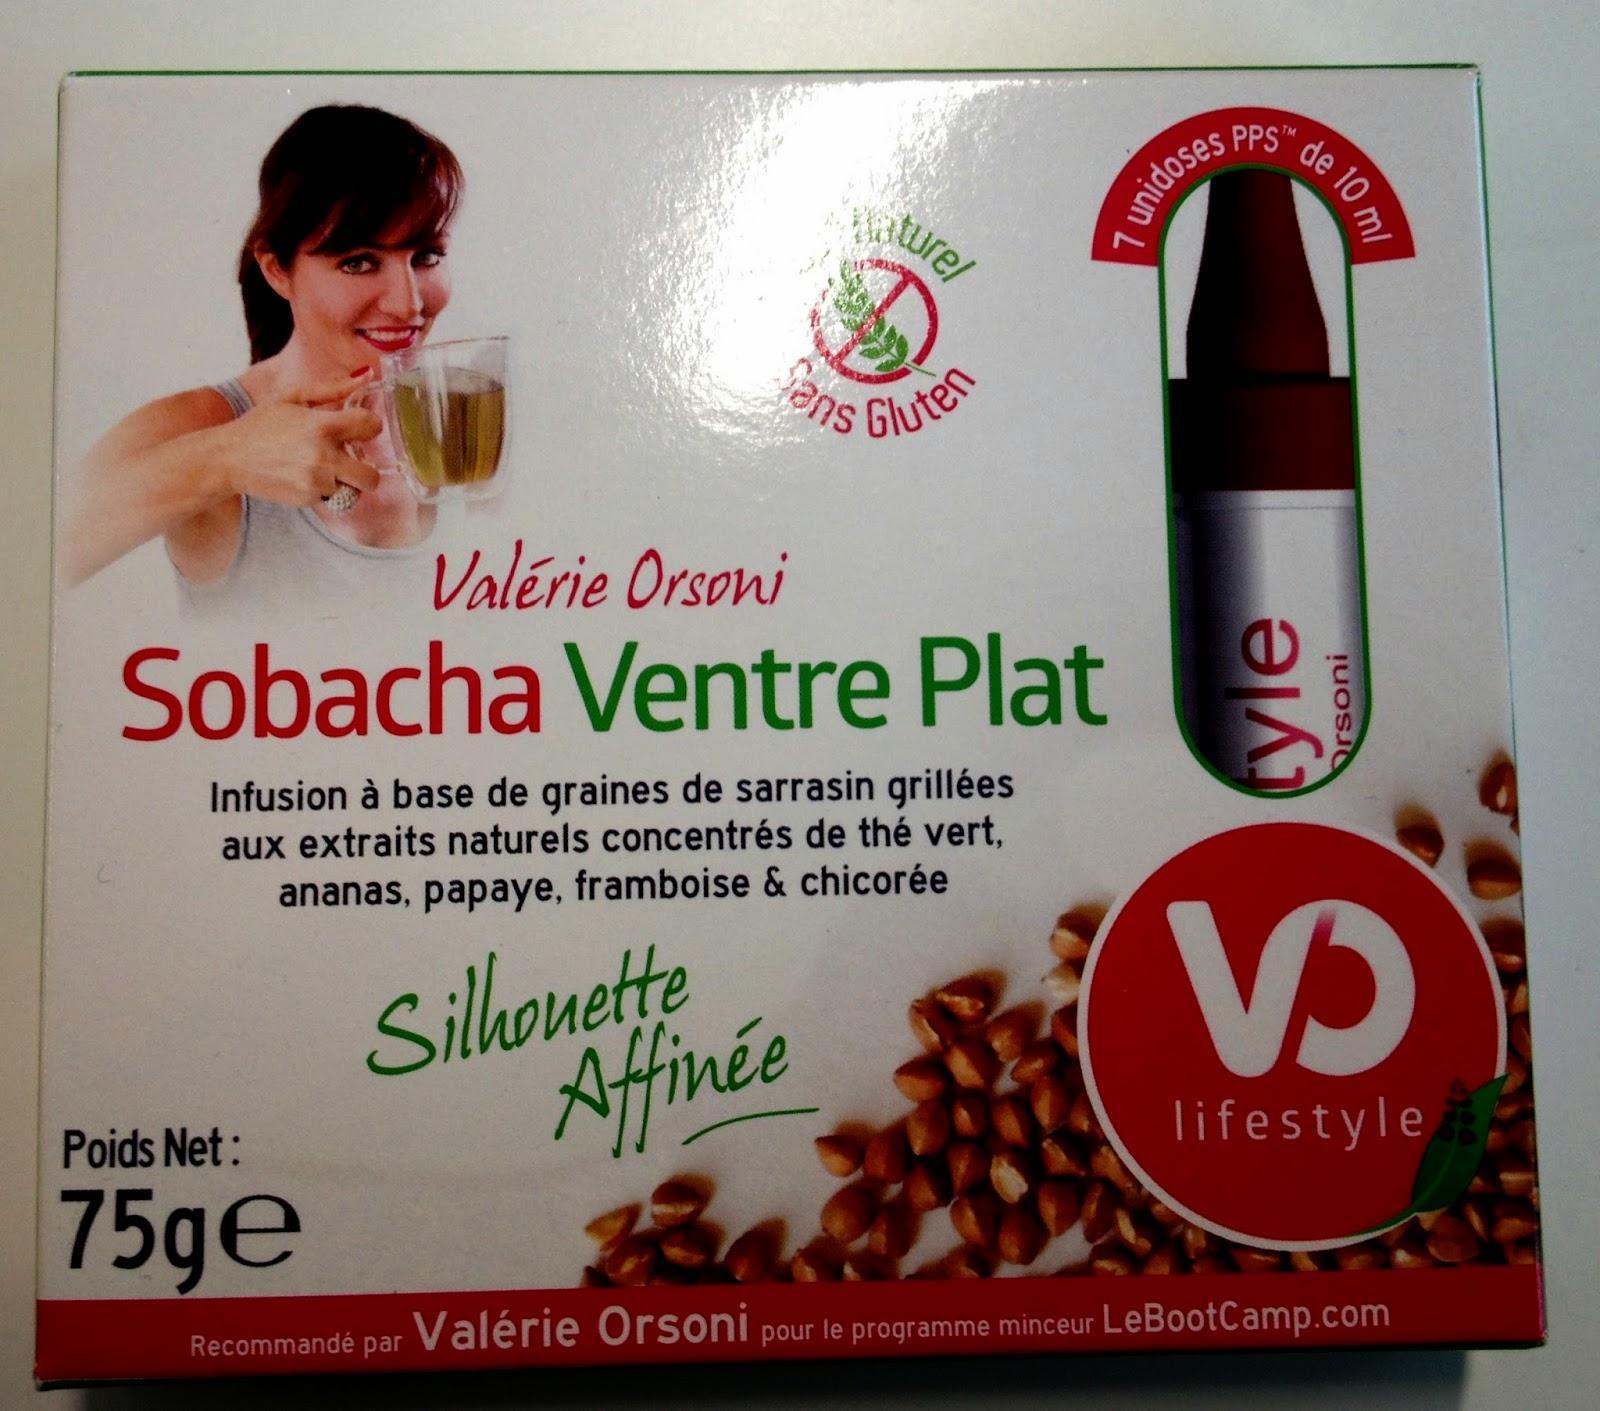 J'ai testé Sobacha Ventre plat de Valérie Orsoni